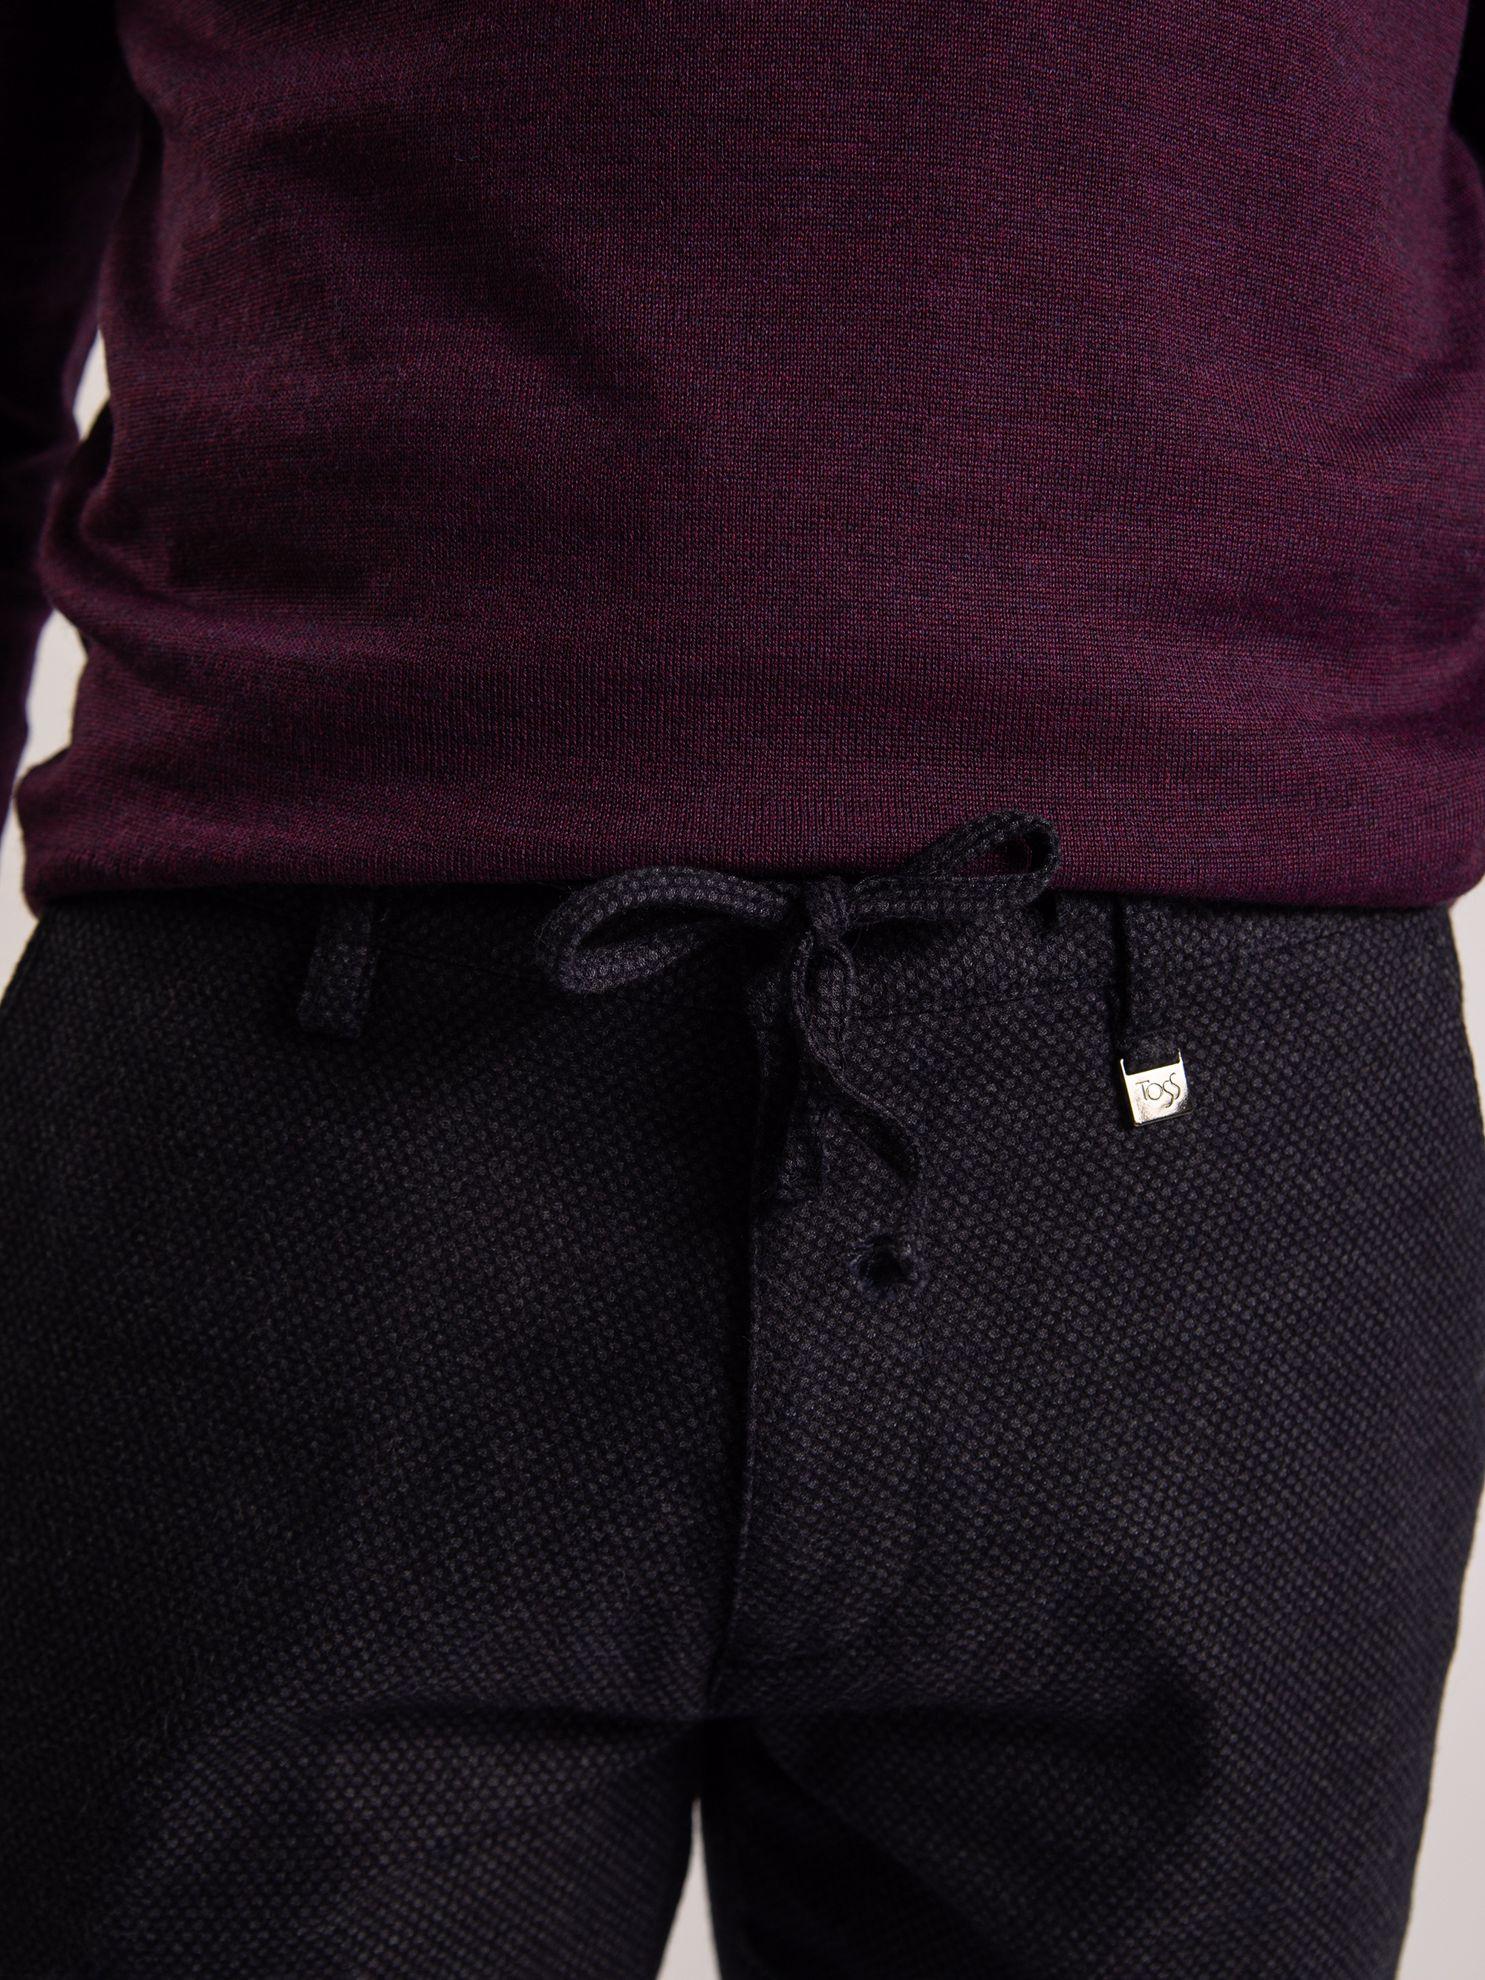 Toss Erkek 6 Drop Pantolon-Lacivert. ürün görseli